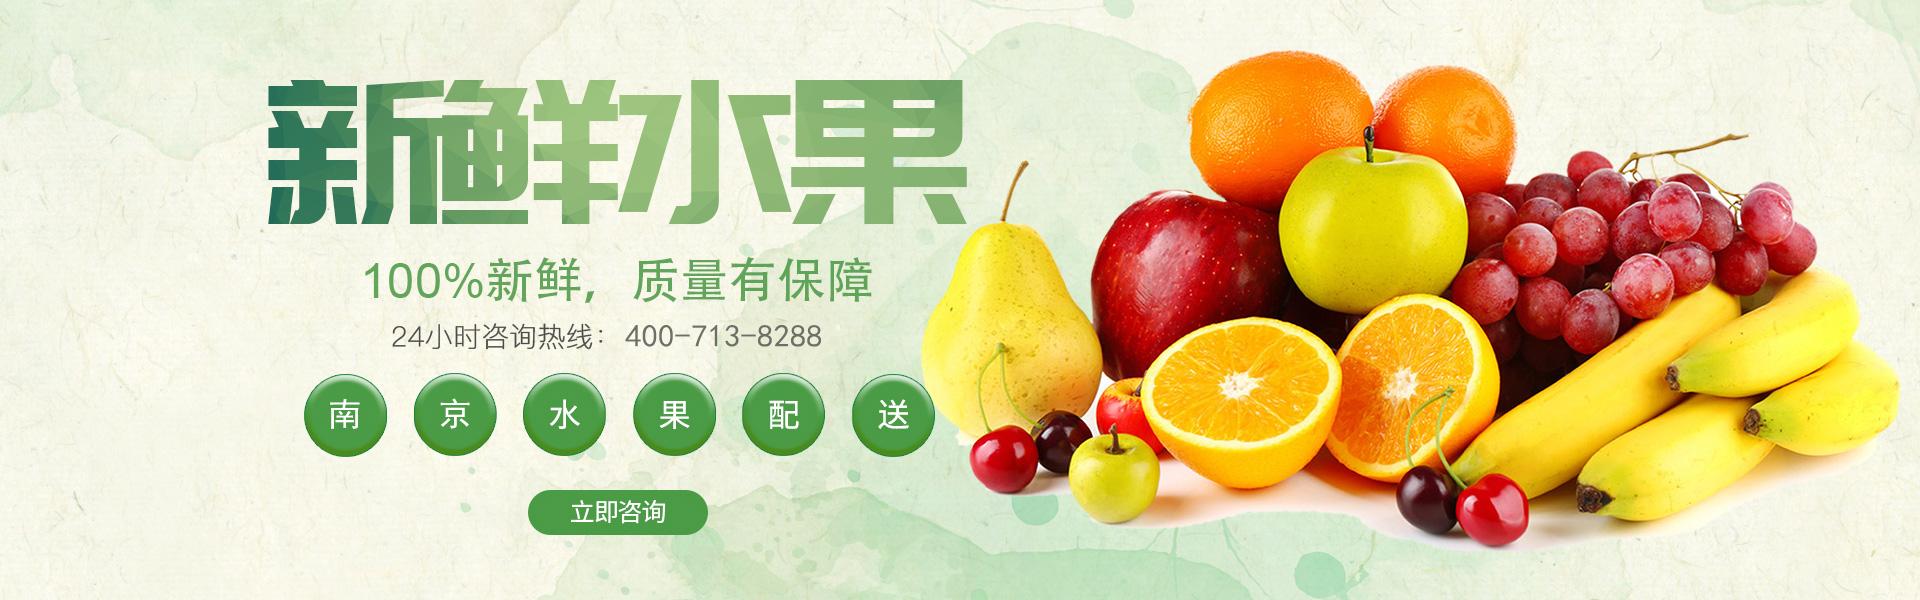 南京水果批发